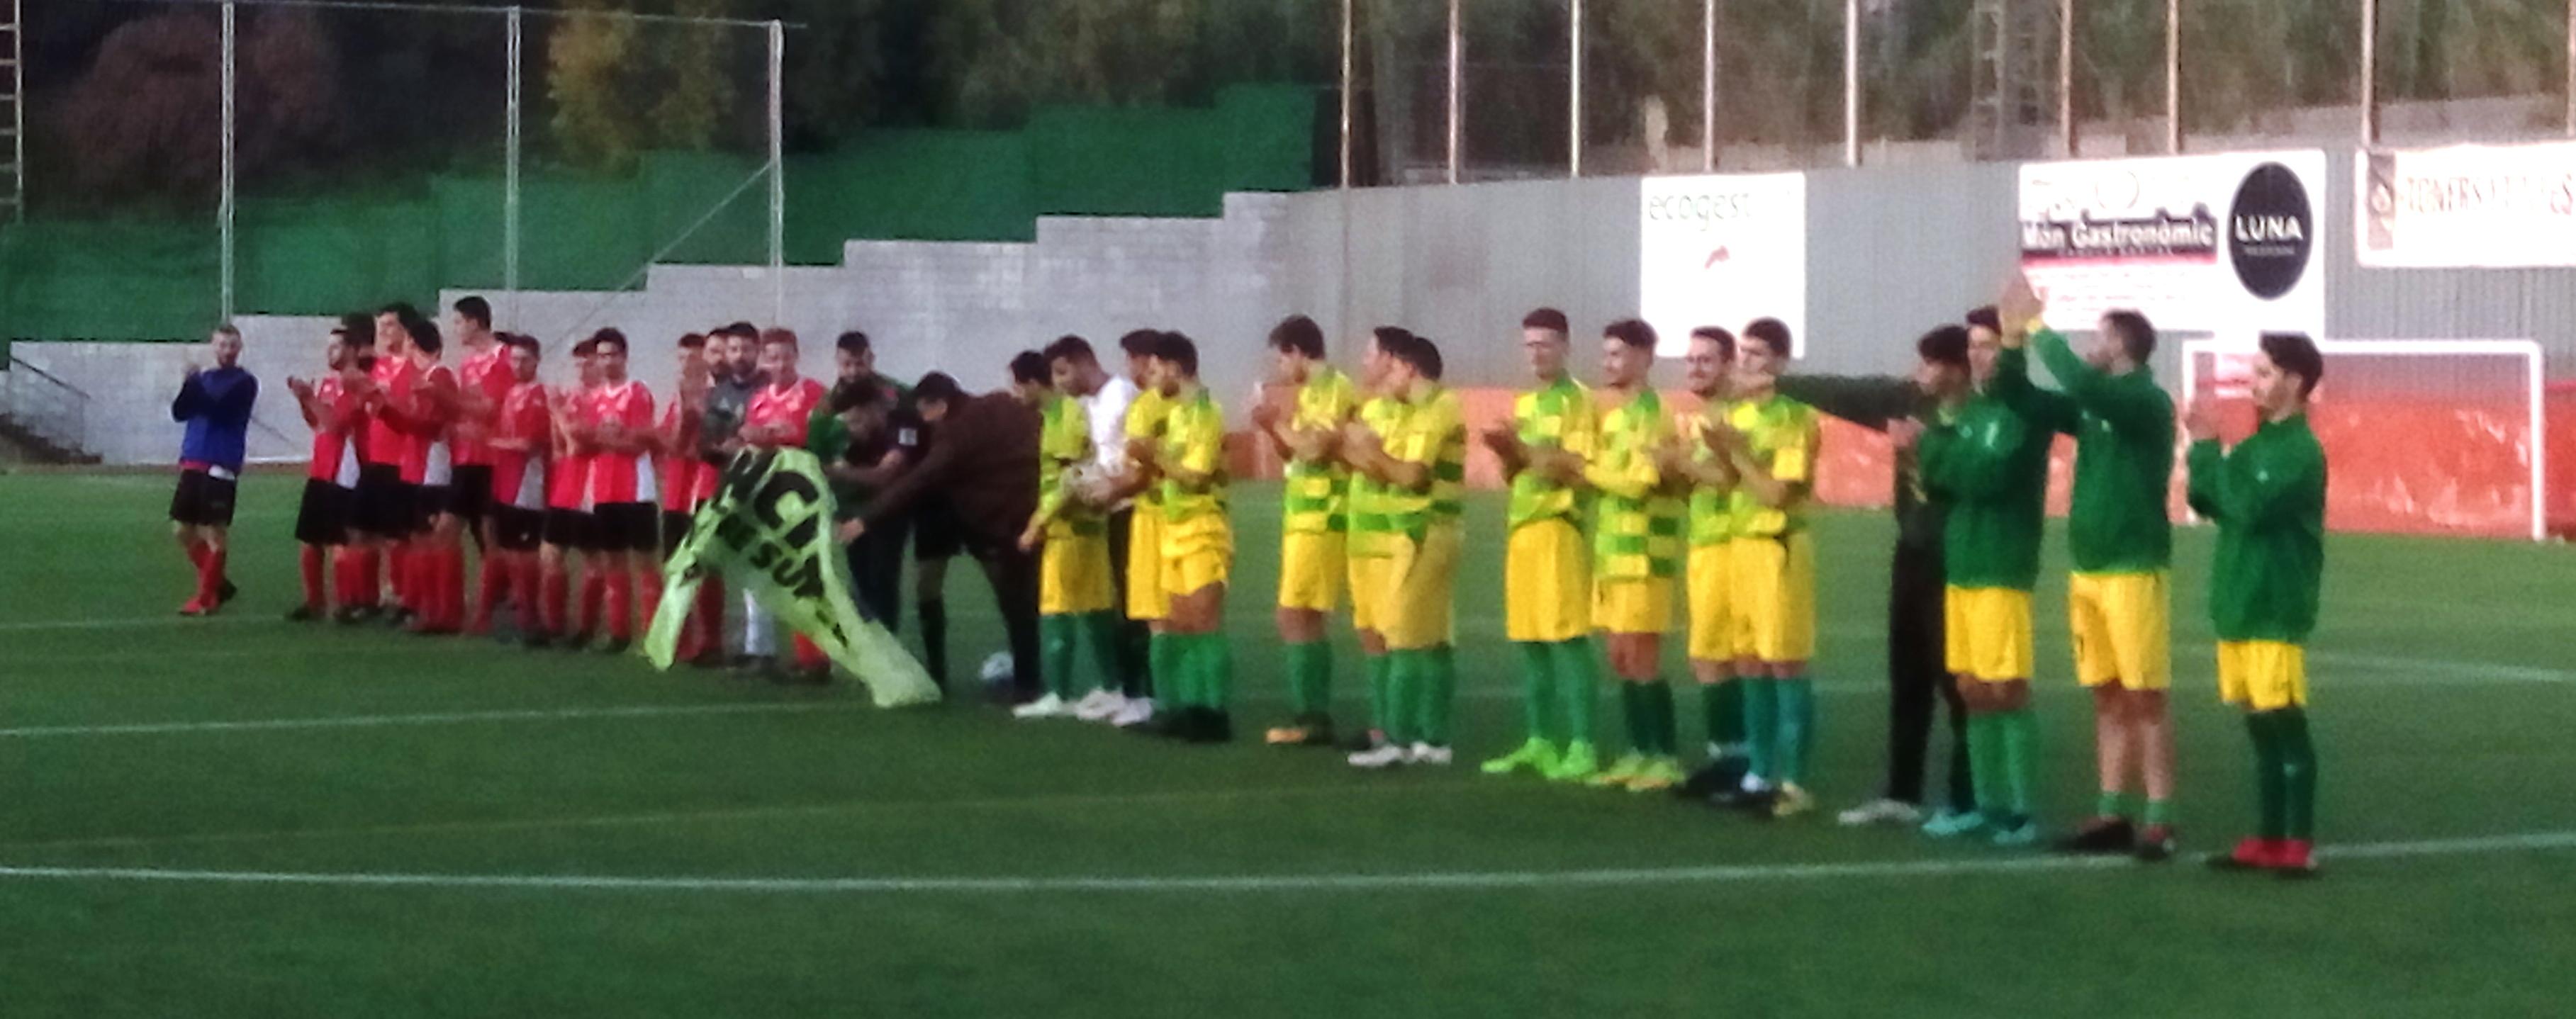 San Pancracio, 7 - Atlétic Vicentí, 3